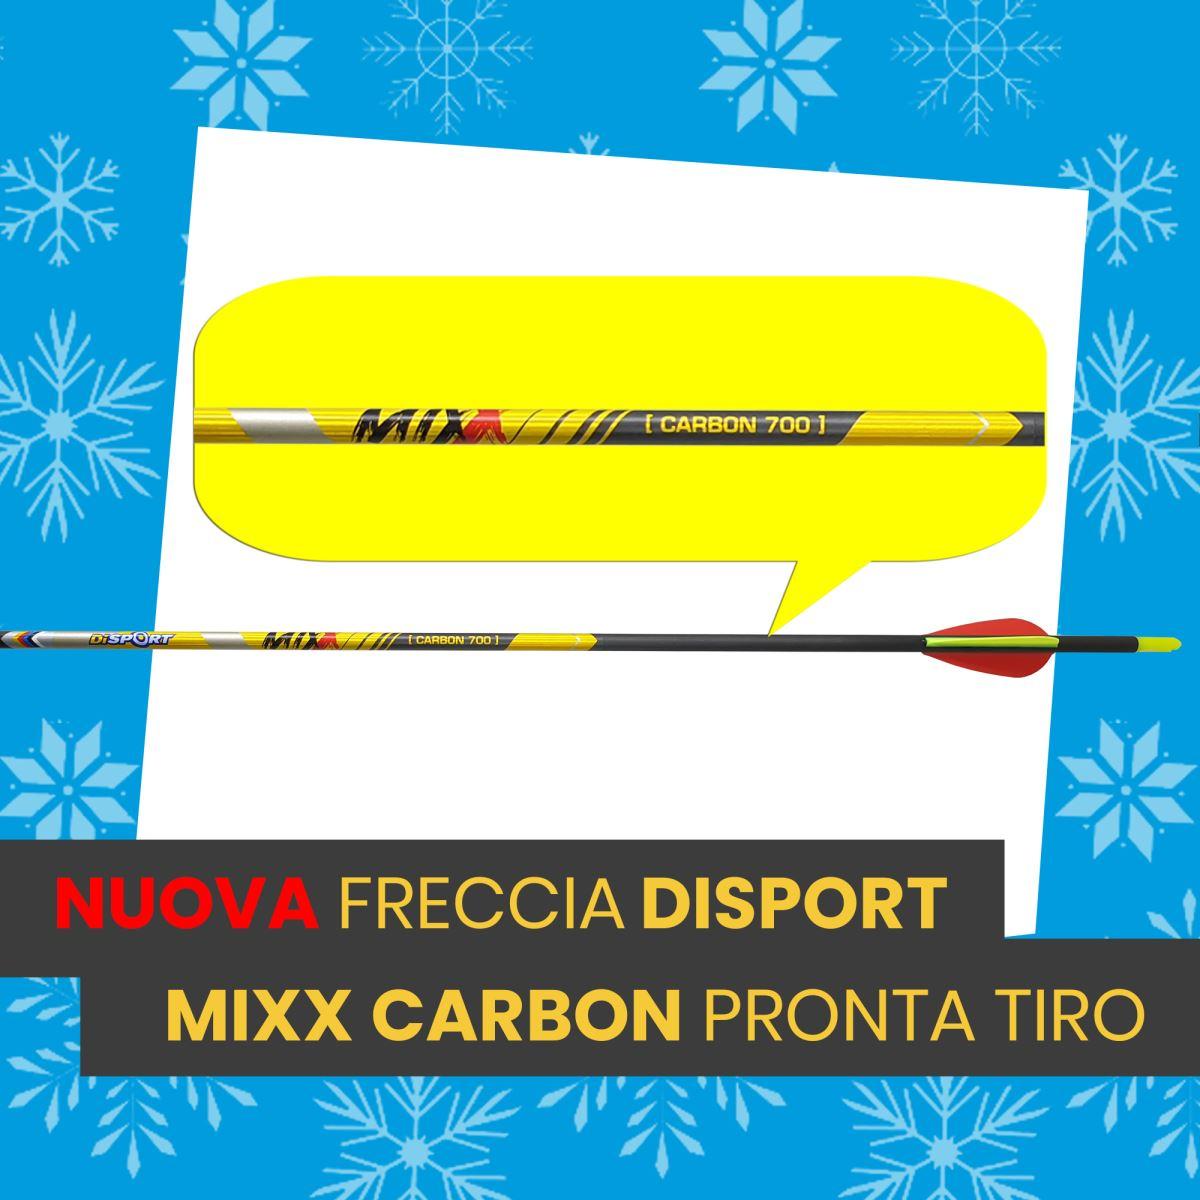 Nuova Freccia Disport MIXX